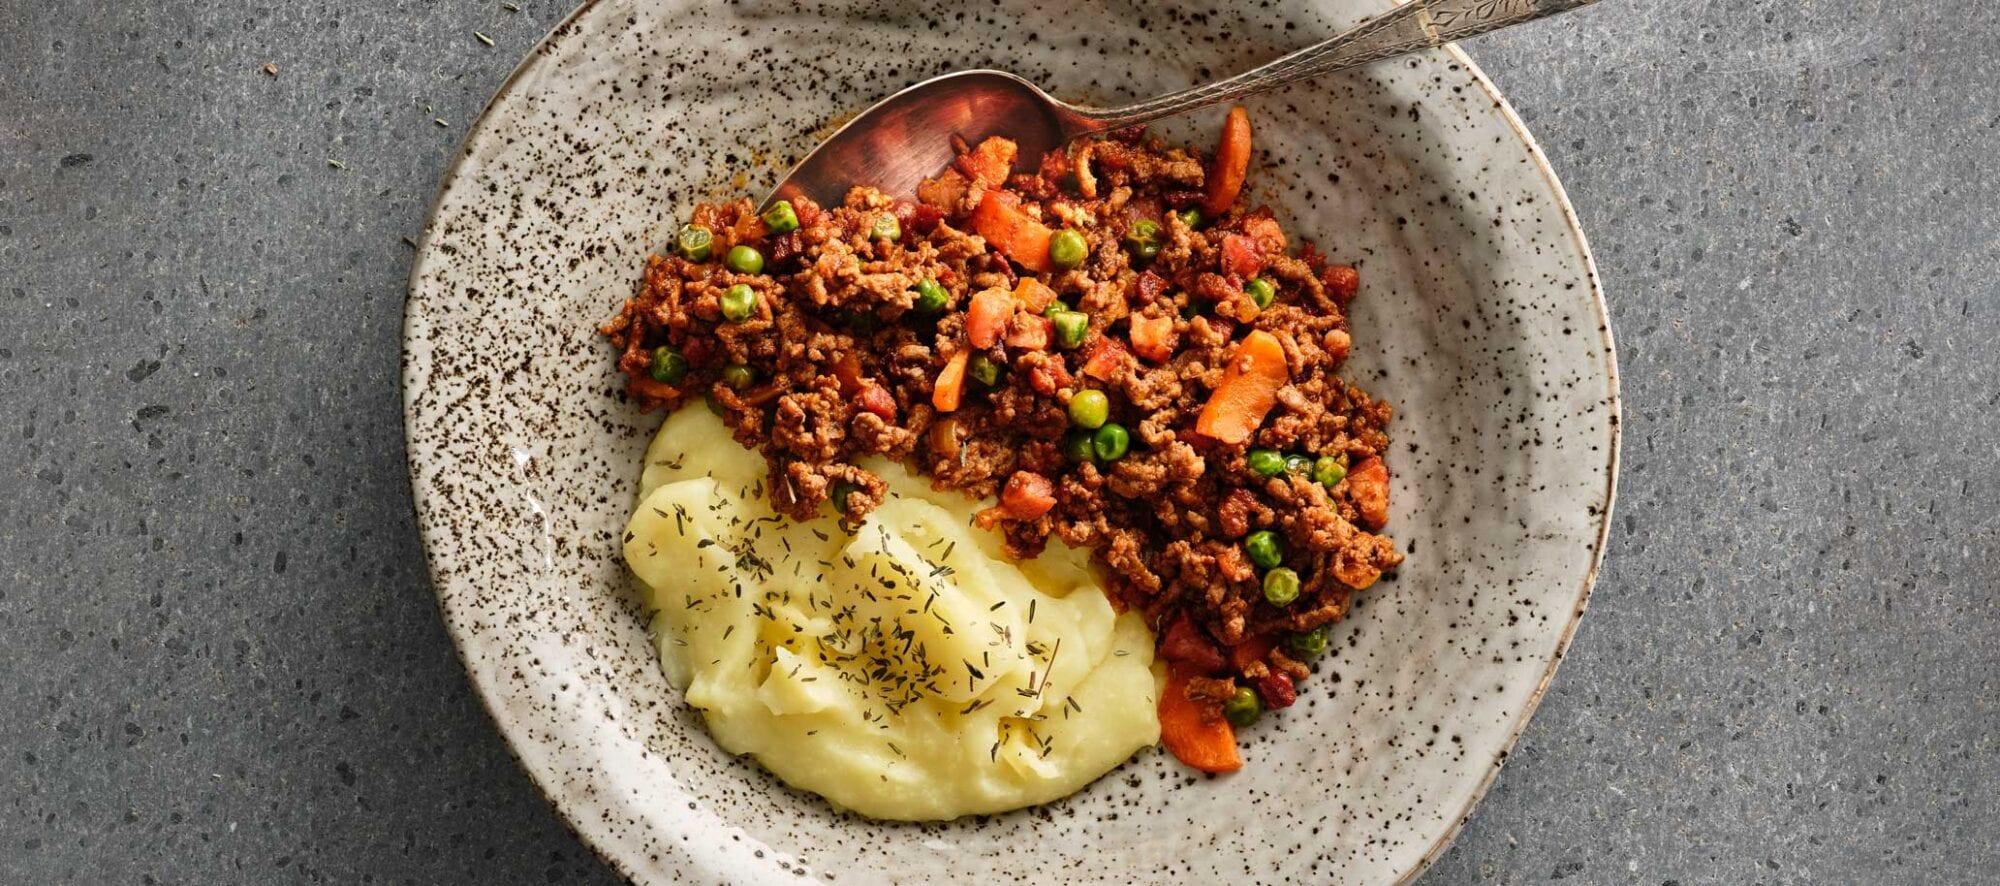 Millionbøf med grøntsager og kartoffelmos